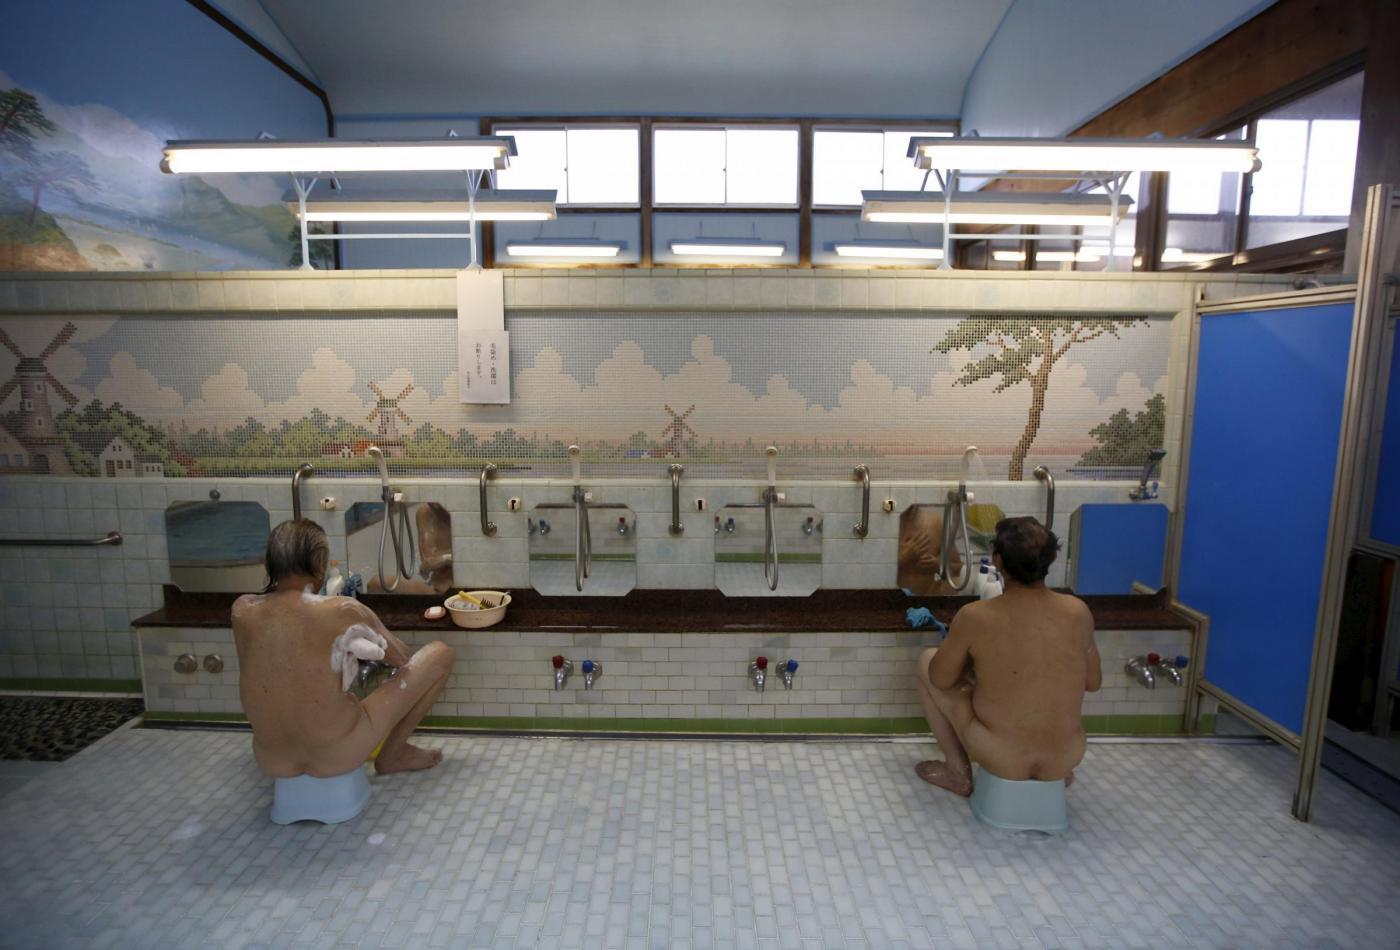 Tokyo i bagni pubblici si trasformano in attrazione for Foto case giapponesi